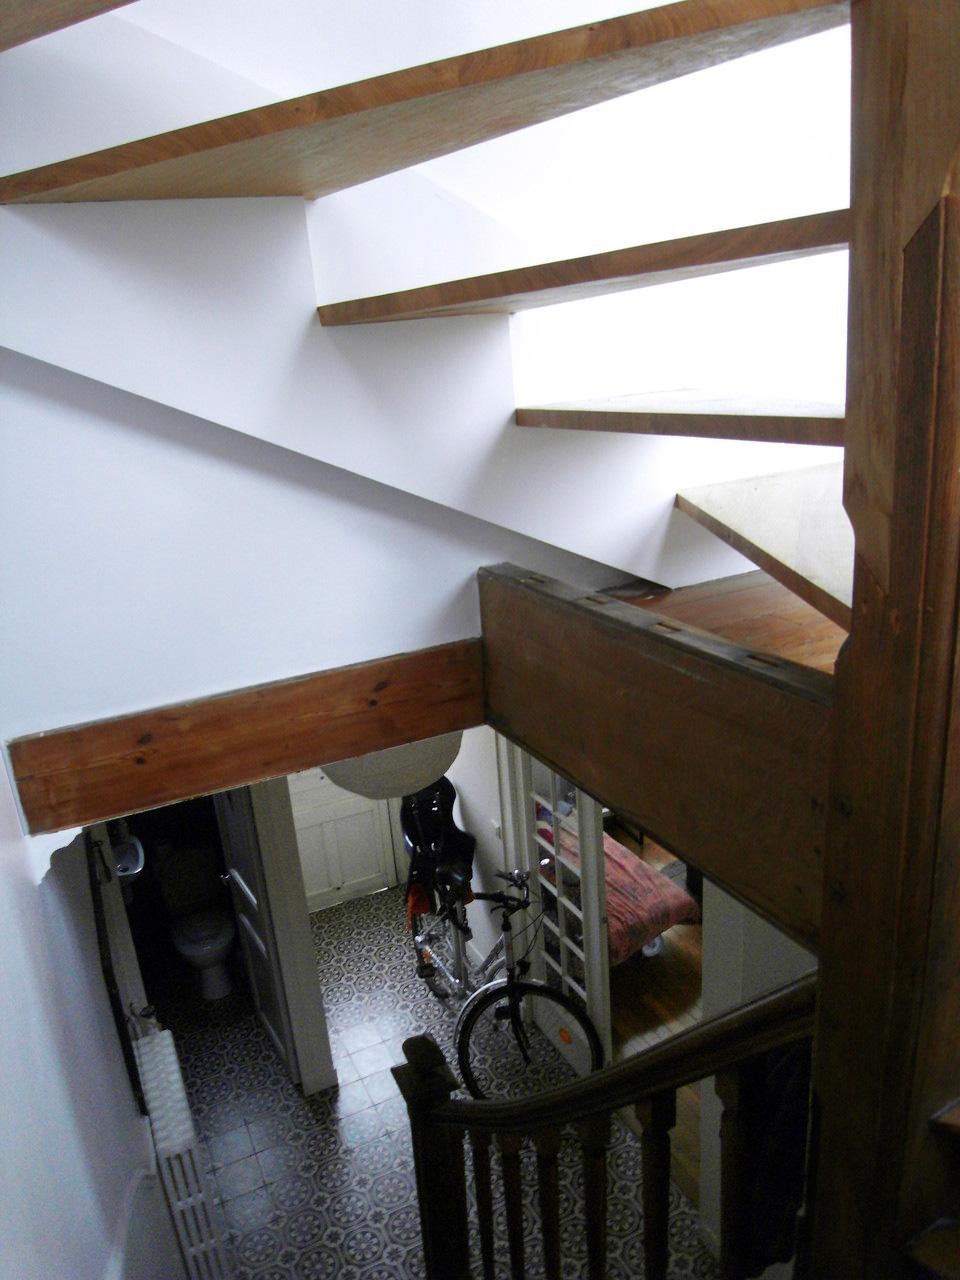 en continuité avec les marches existant, un nouvel escalier chêne, sans contre-marches